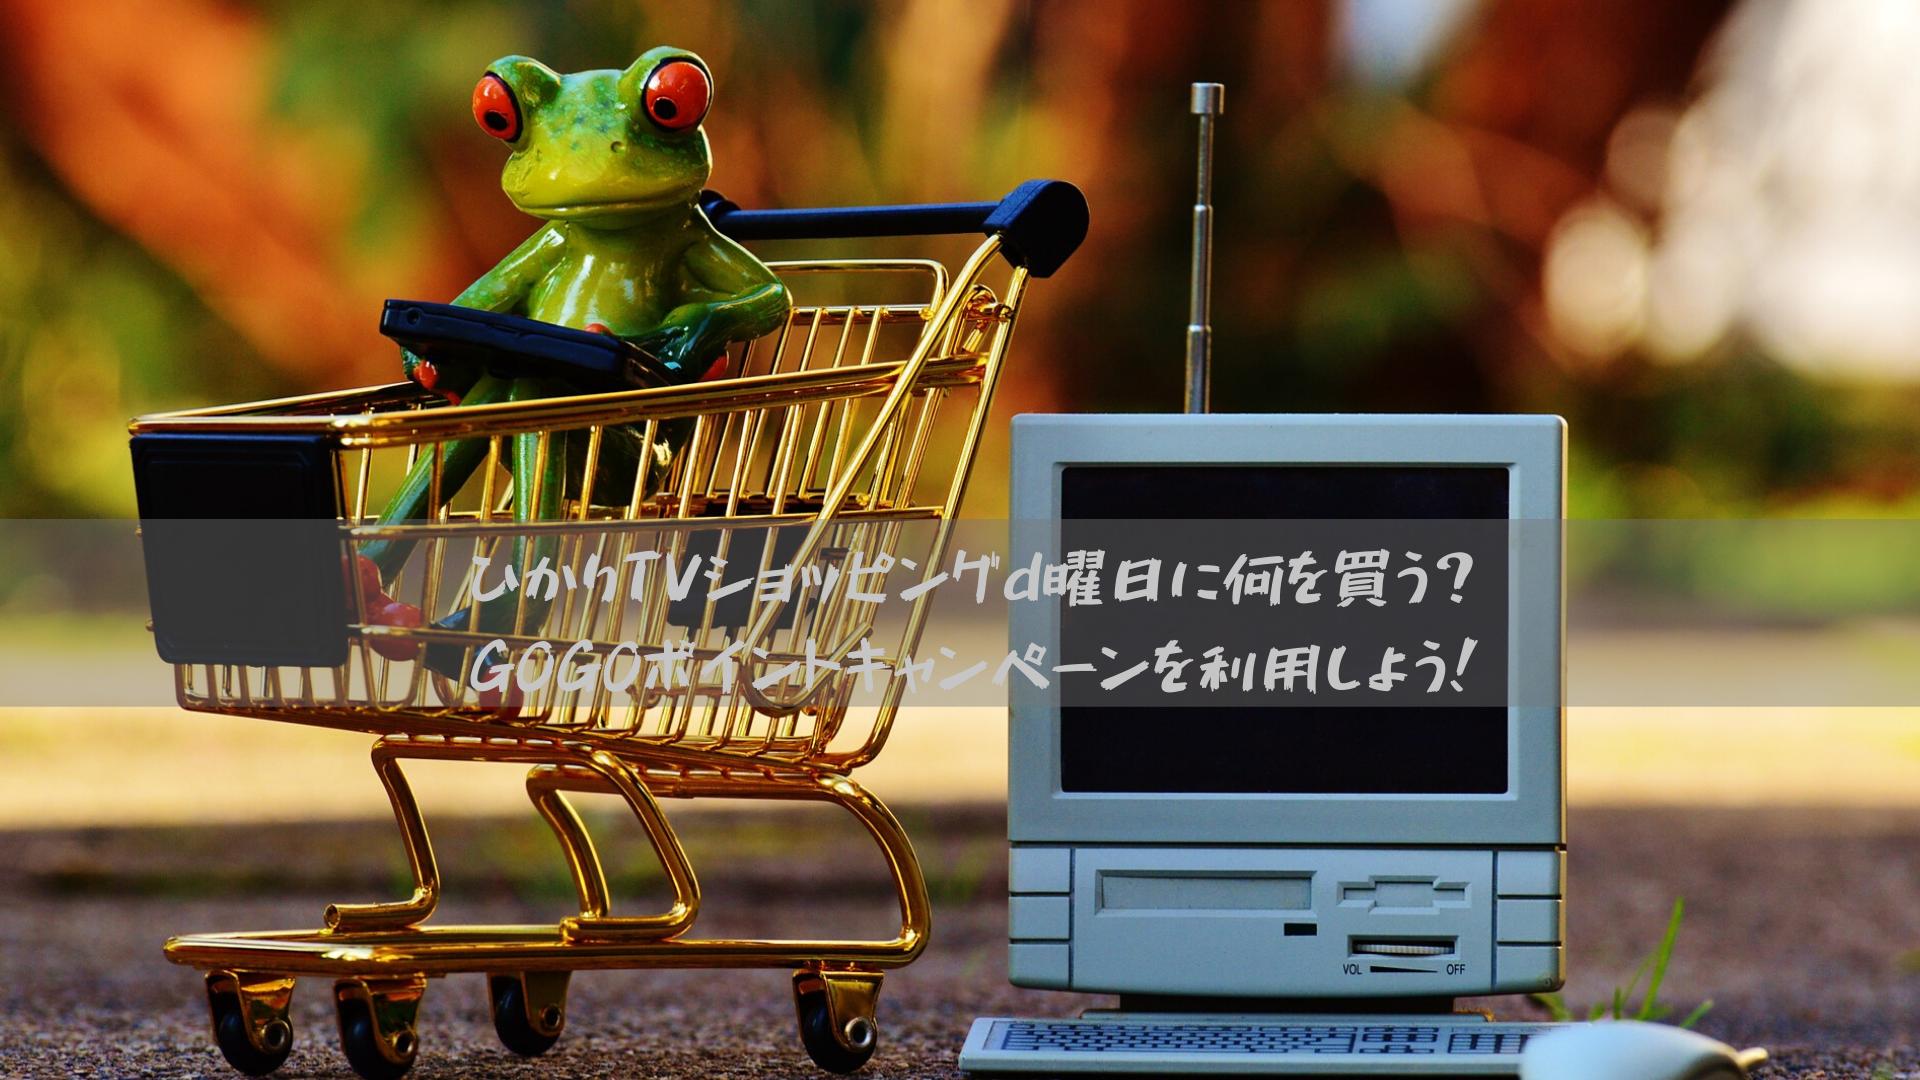 ひかりTVショッピングd曜日に何を買う?GOGOポイントキャンペーンを利用しよう!